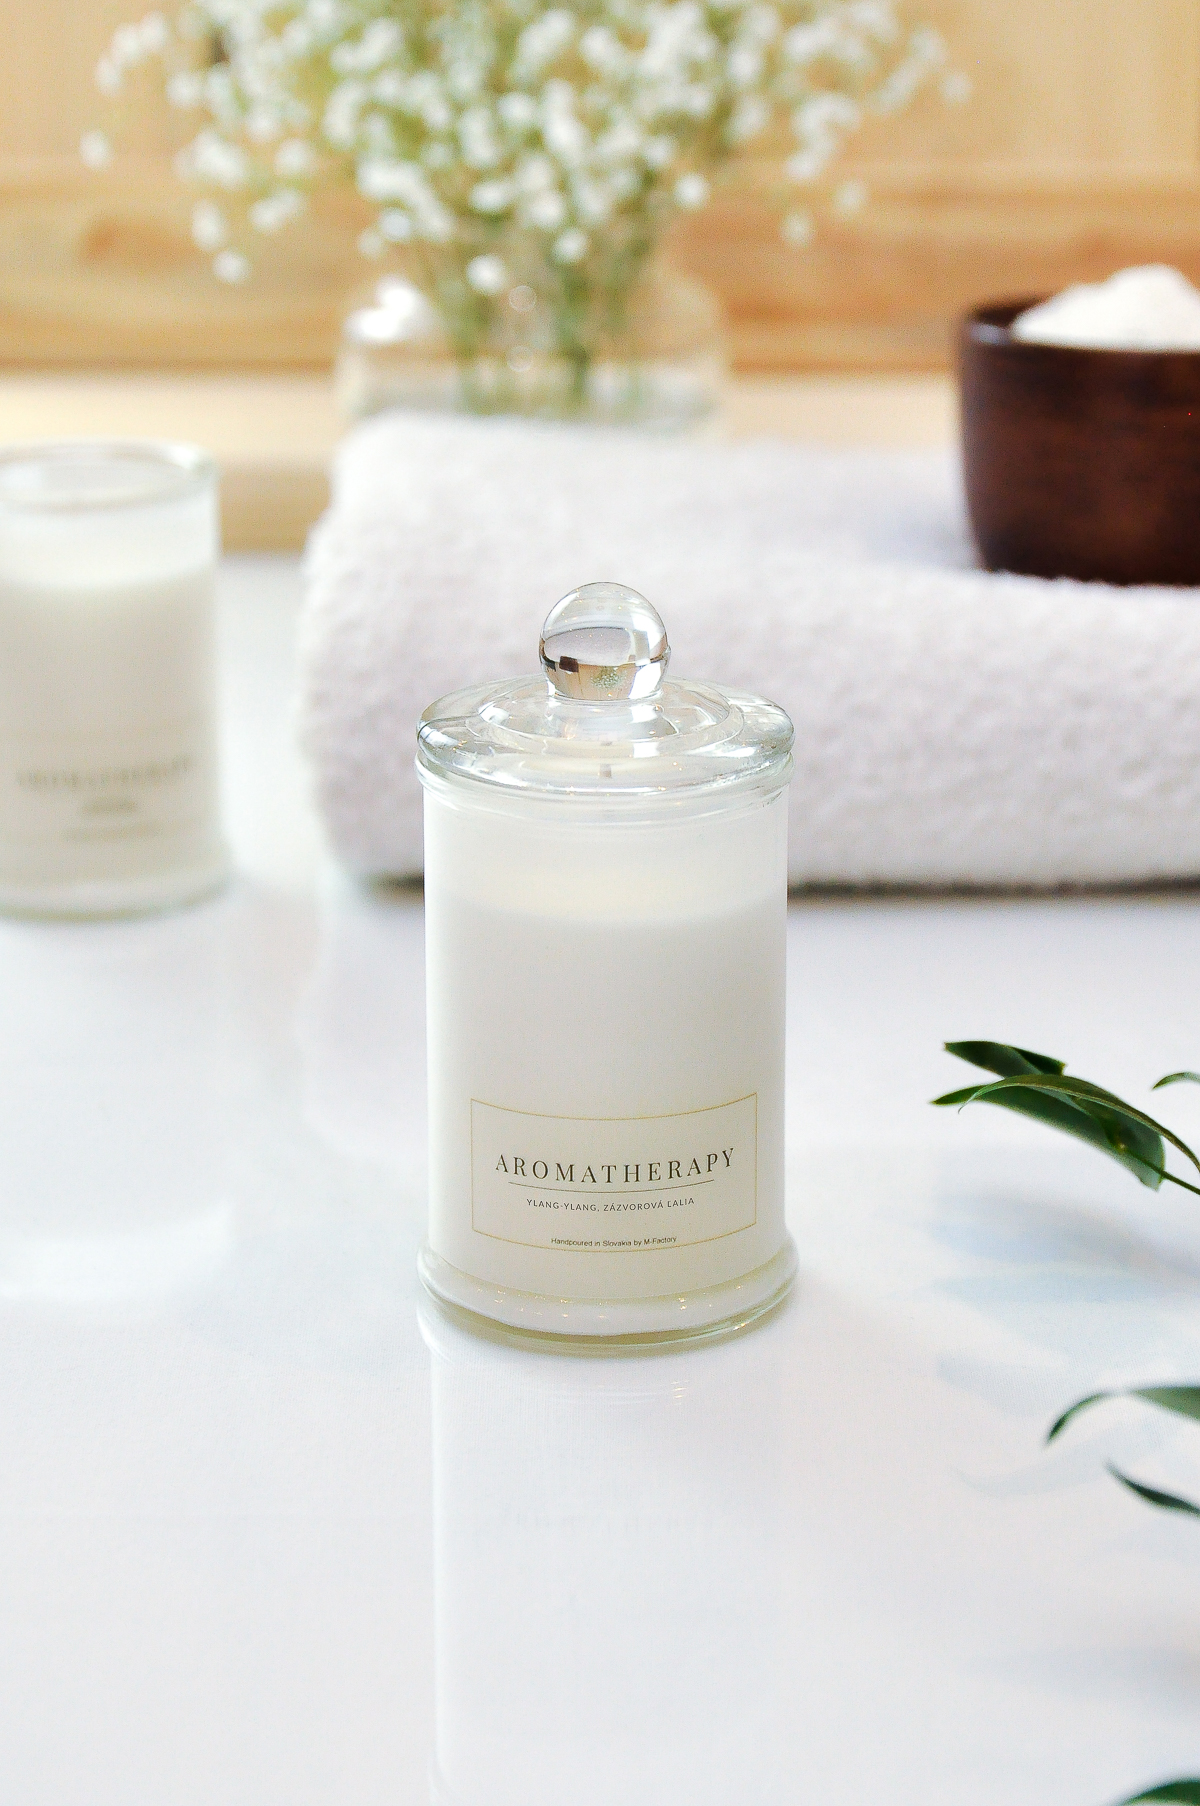 M-Factory slovenská značka svíček z přírodního vosku a krásných difuzérů